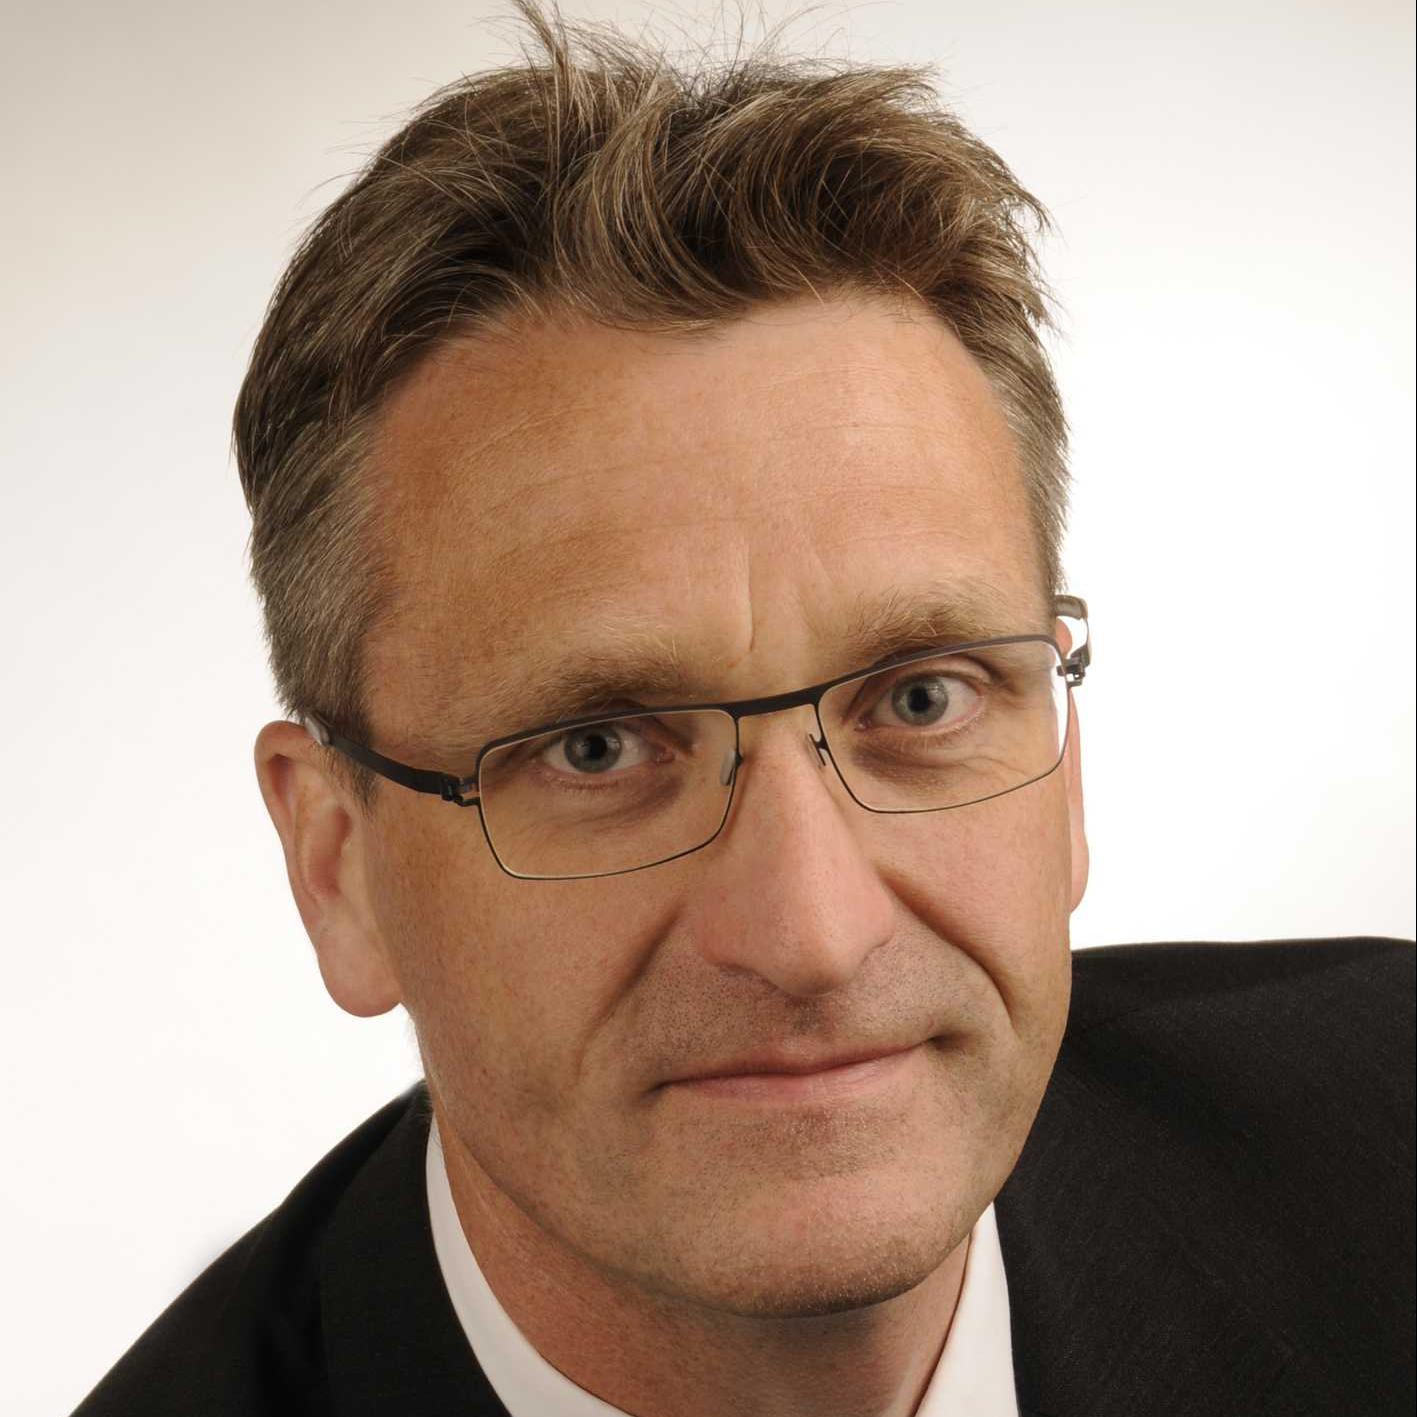 Reinhard Mackensen